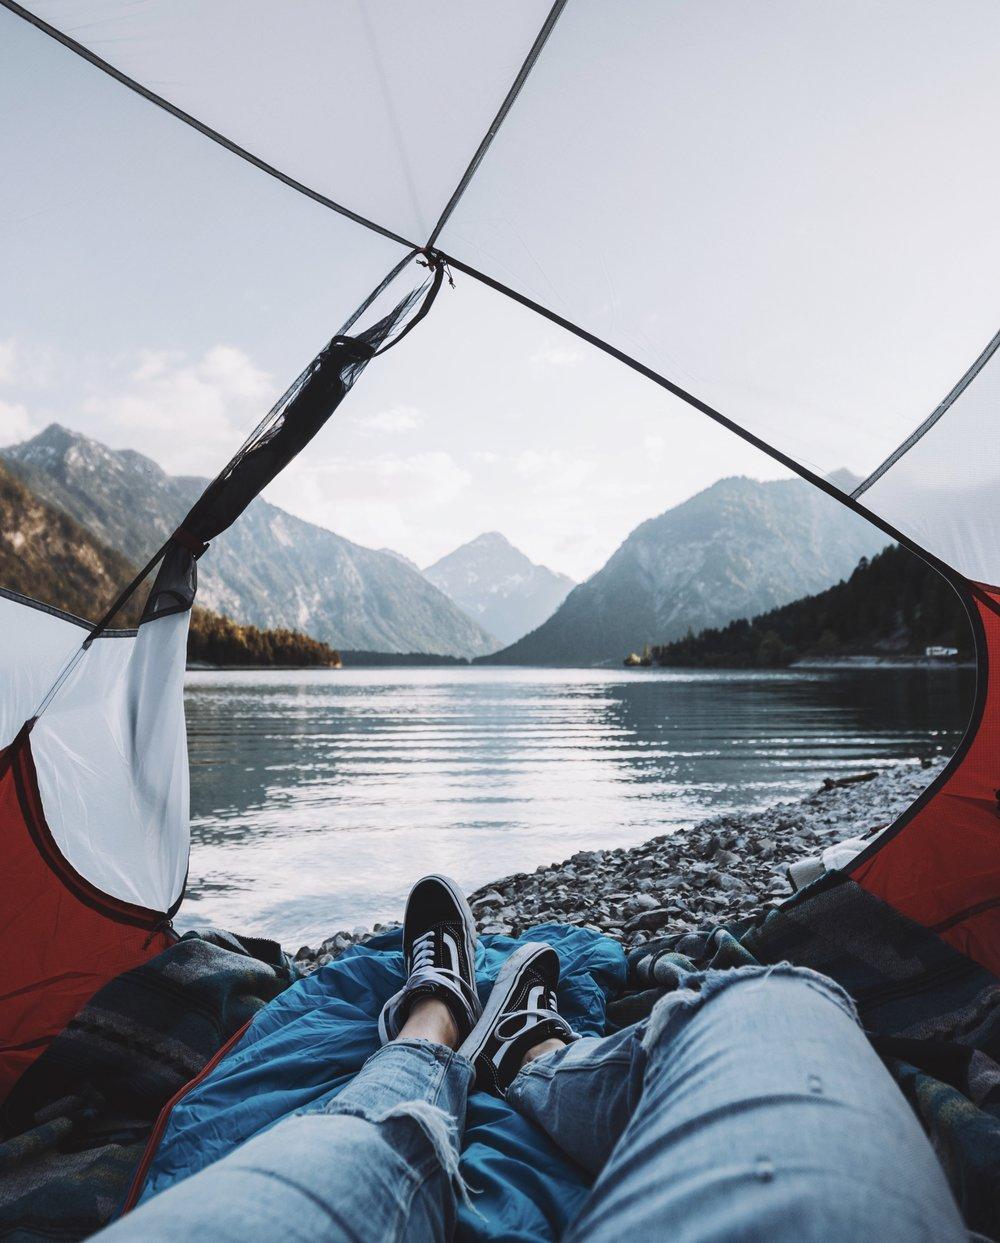 Waking up with a view. - Und damit beide das können, hat das Zelt sogar zwei Eingänge.